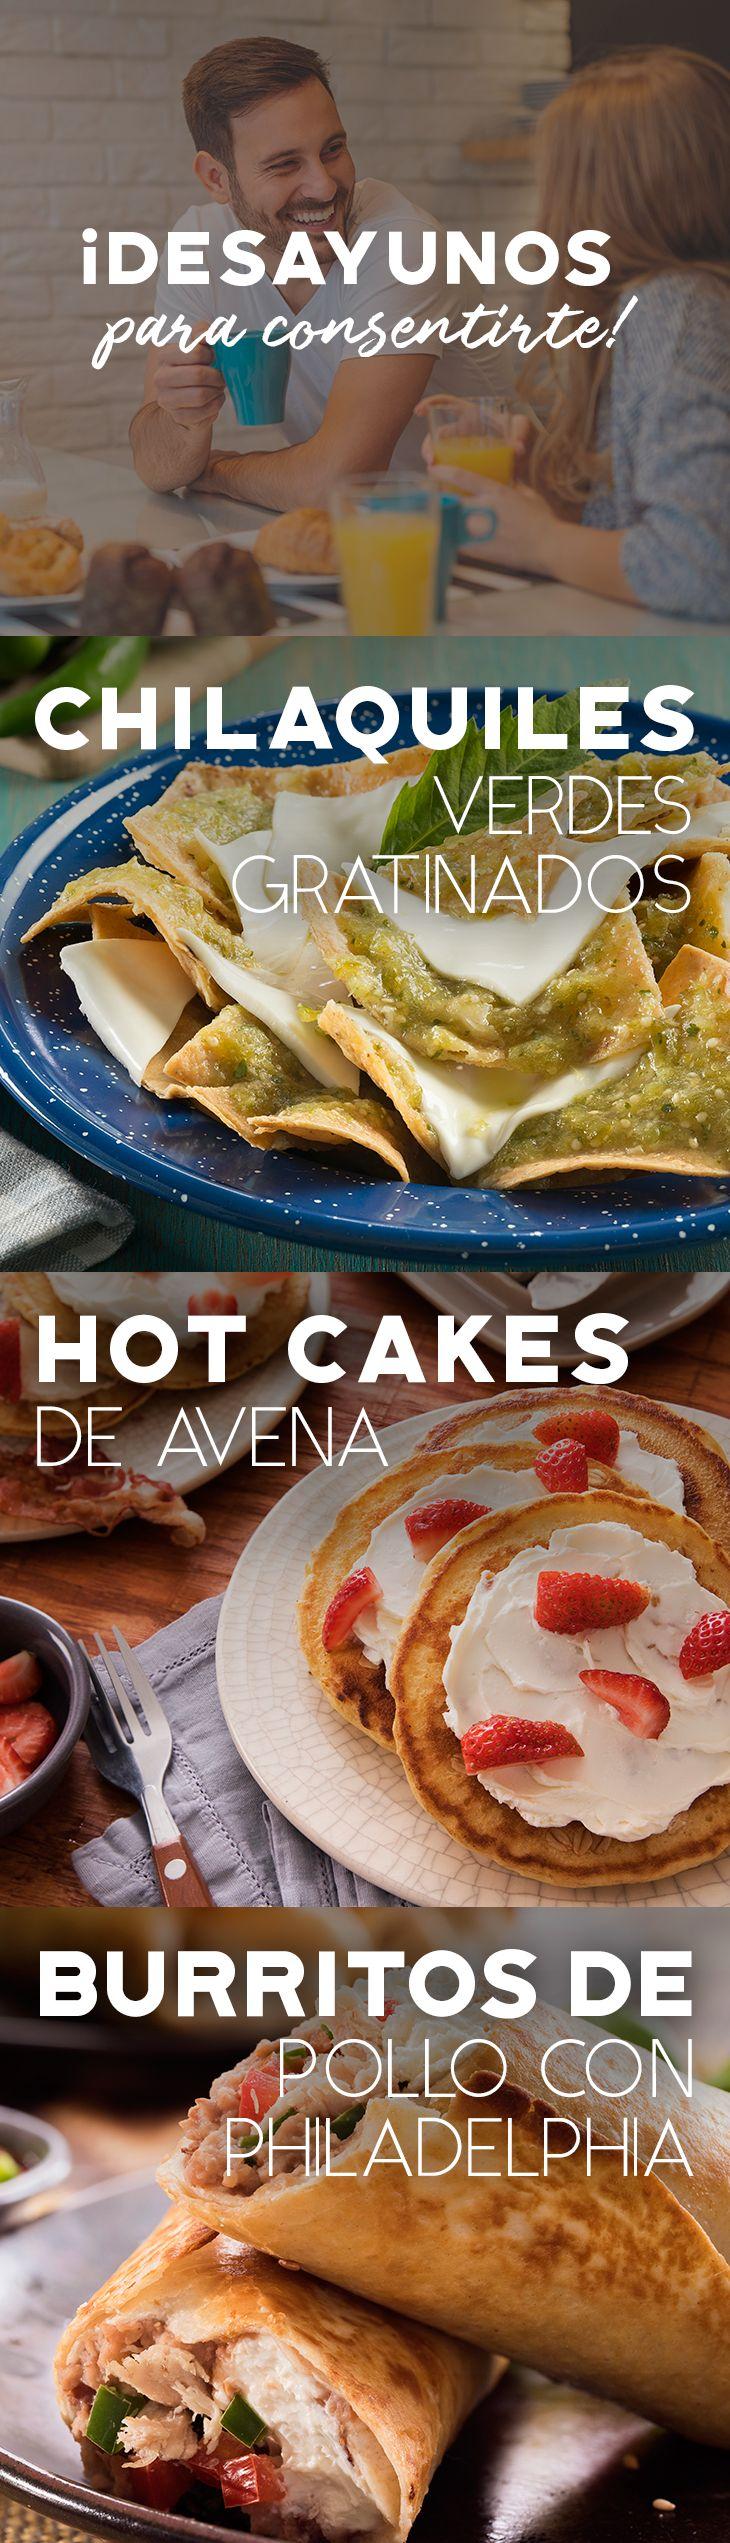 Disfruta de un delicioso desayuno con estas ideas para ti.   #recetas #receta #quesophiladelphia #philadelphia #crema #quesocrema #queso #comida #cocinar #cocinamexicana #recetasfáciles #recetasPhiladelphia #recetasdecocina #comer #desayuno #chilaquiles #hotcakes #burrito #pollo #salsa #picante #avena #desayunar #recetadesayuno #recetahotcakes #recetachilaquiles